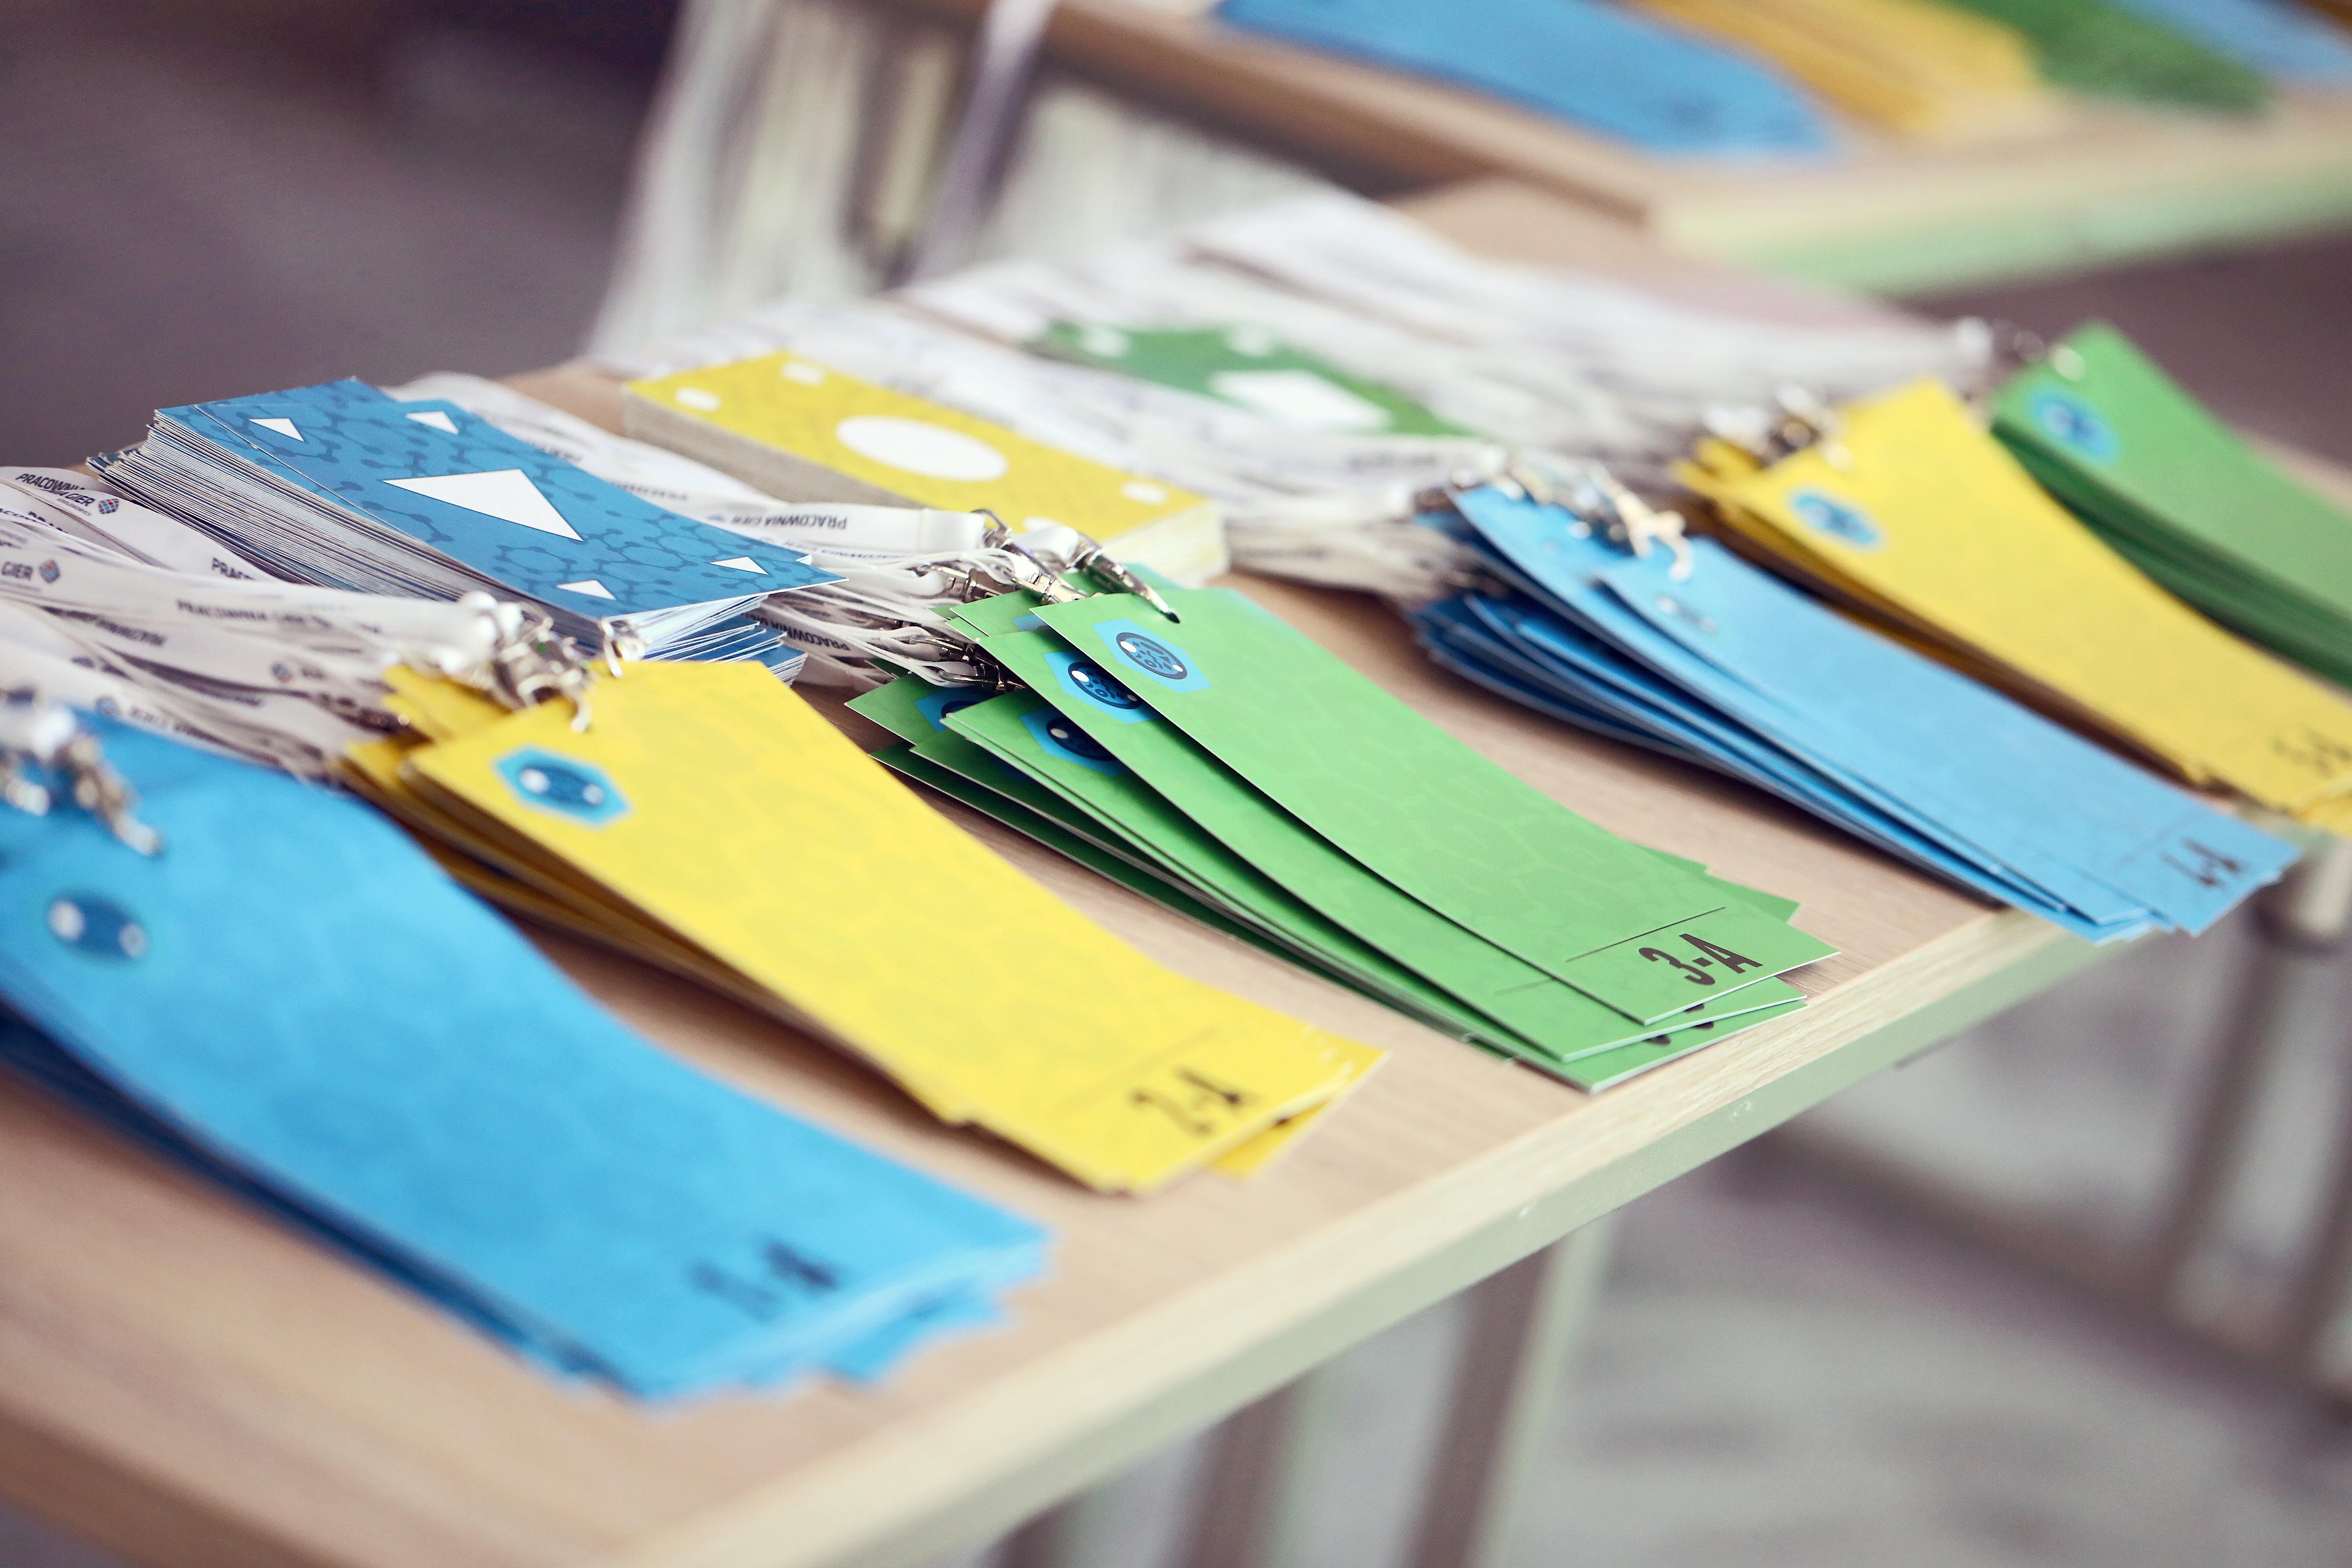 Identyfikatory i karty - niezbędne do gry